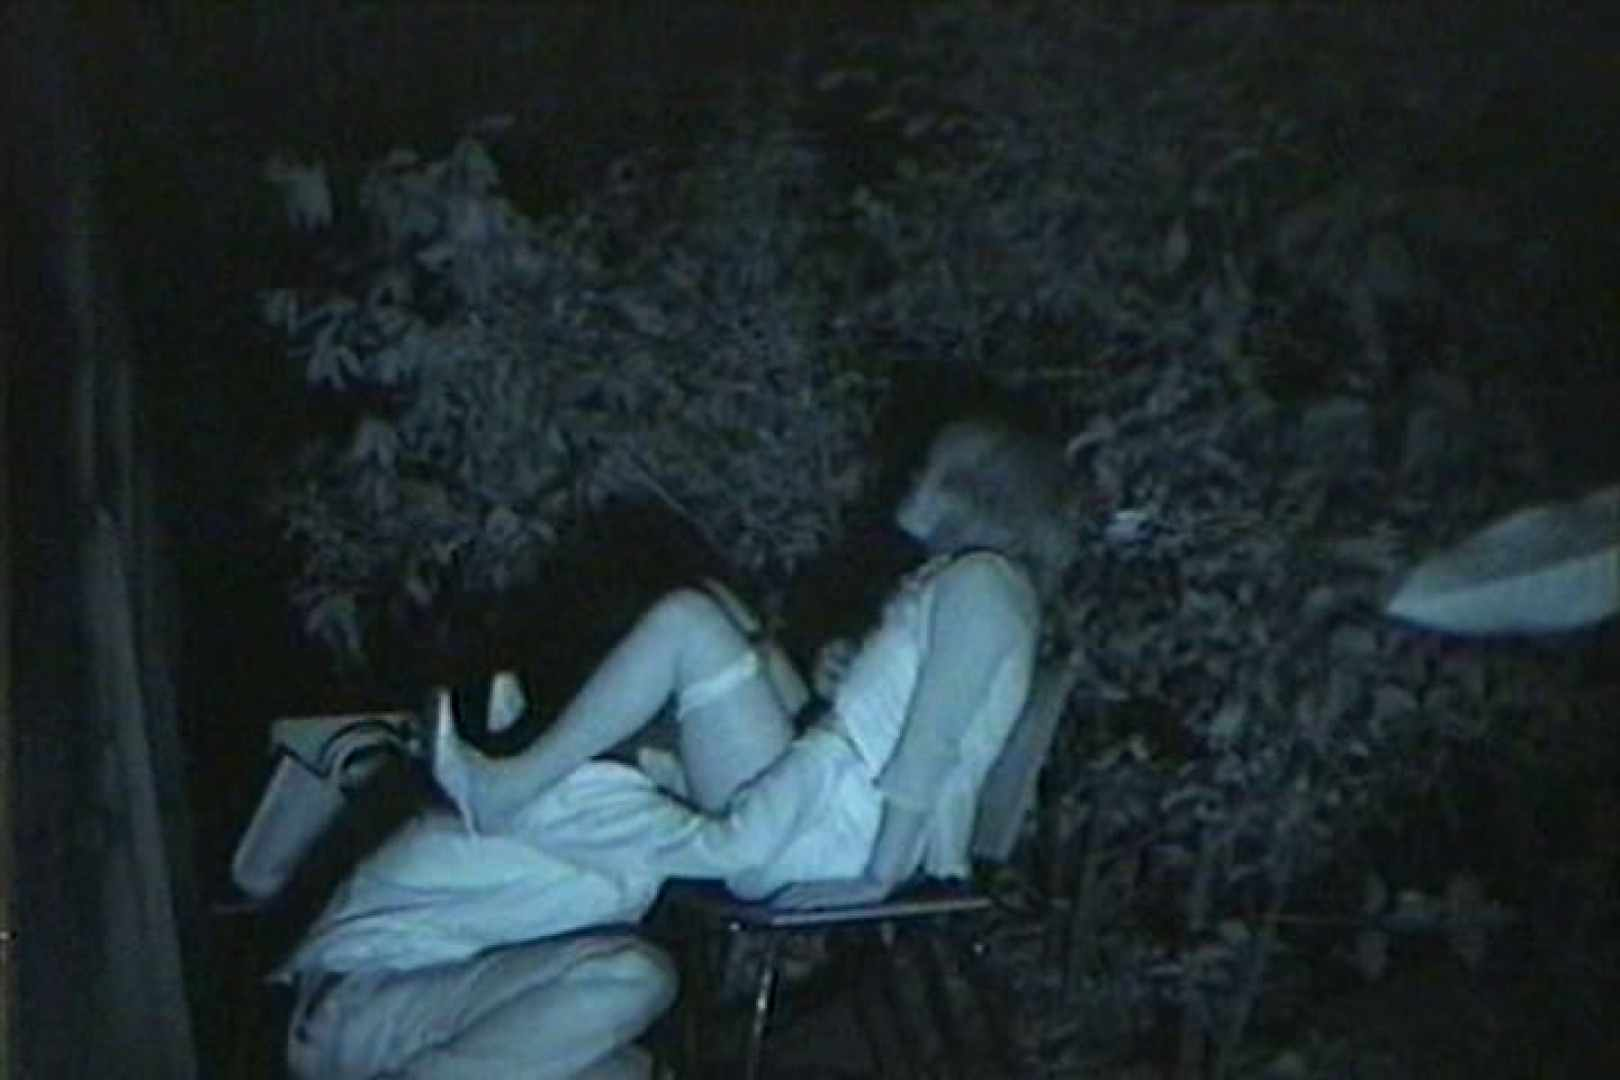 闇の仕掛け人 無修正版 Vol.24 カップル オメコ動画キャプチャ 101pic 7